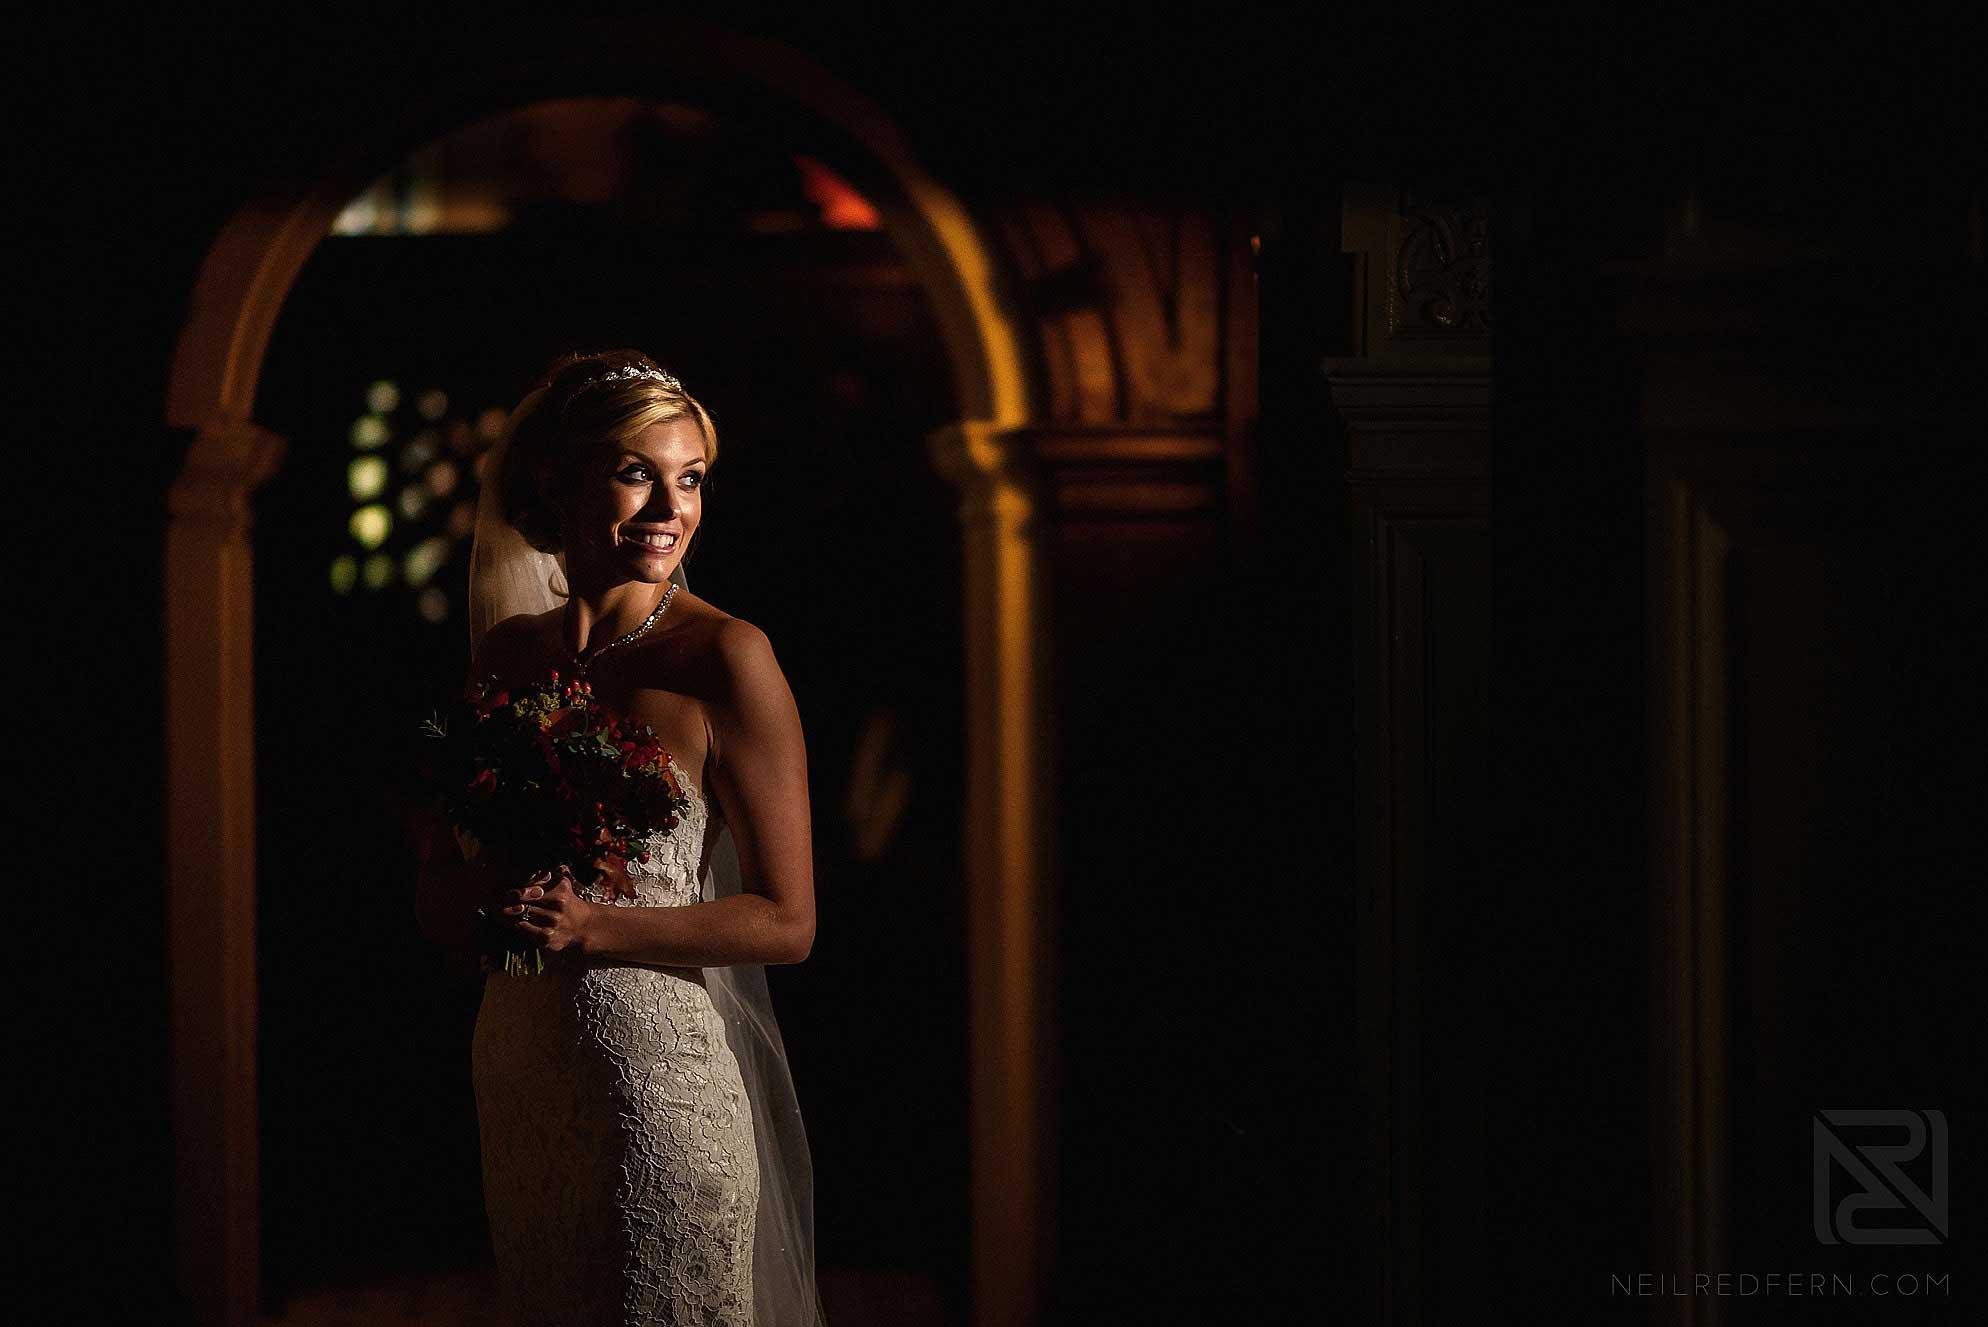 indoor portrait of bride